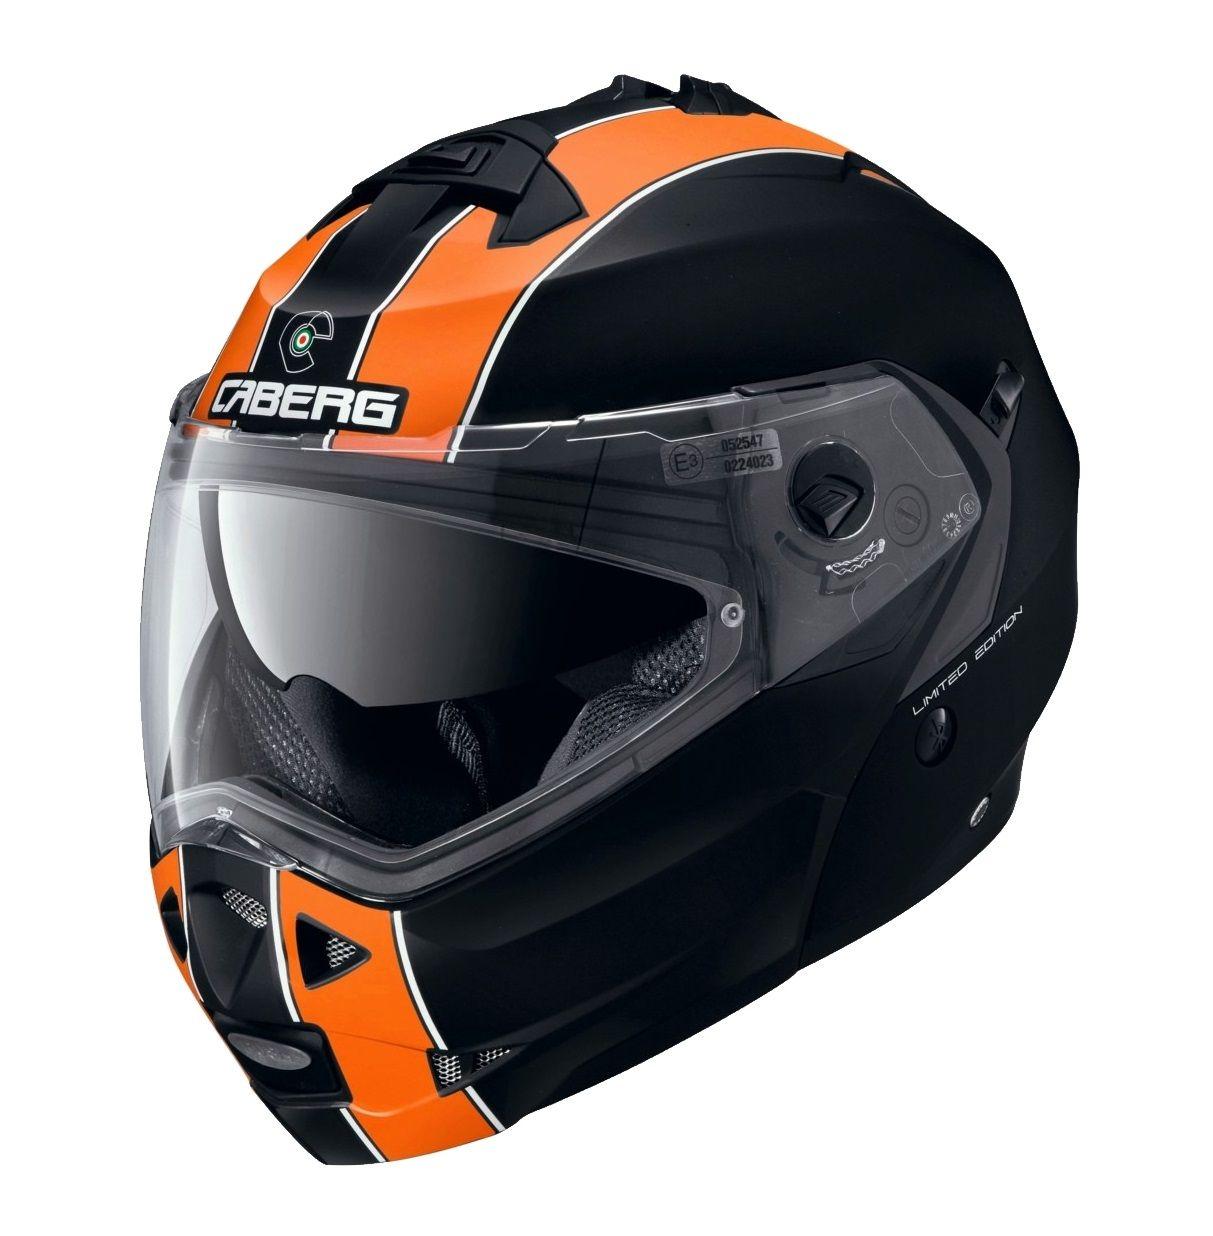 Czy kaski motocyklowe Caberg są warte swojej ceny?